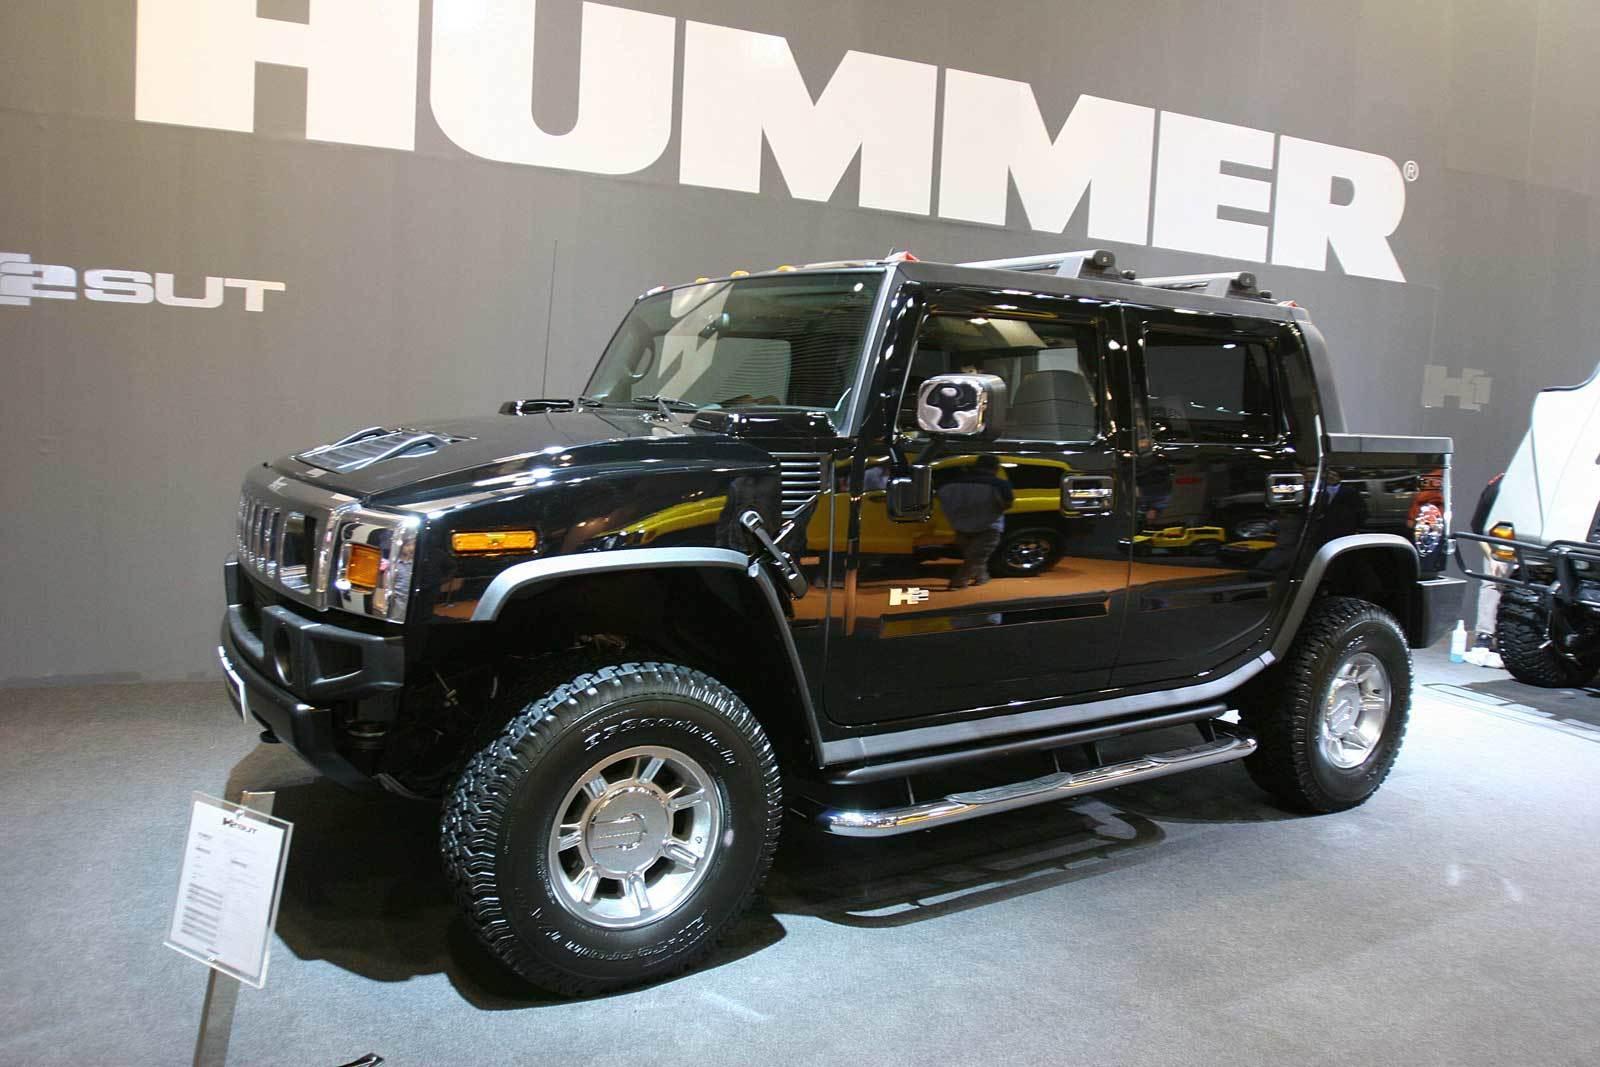 64 2007 Salon Automovil Barcelona Hummer H2 Pick Up